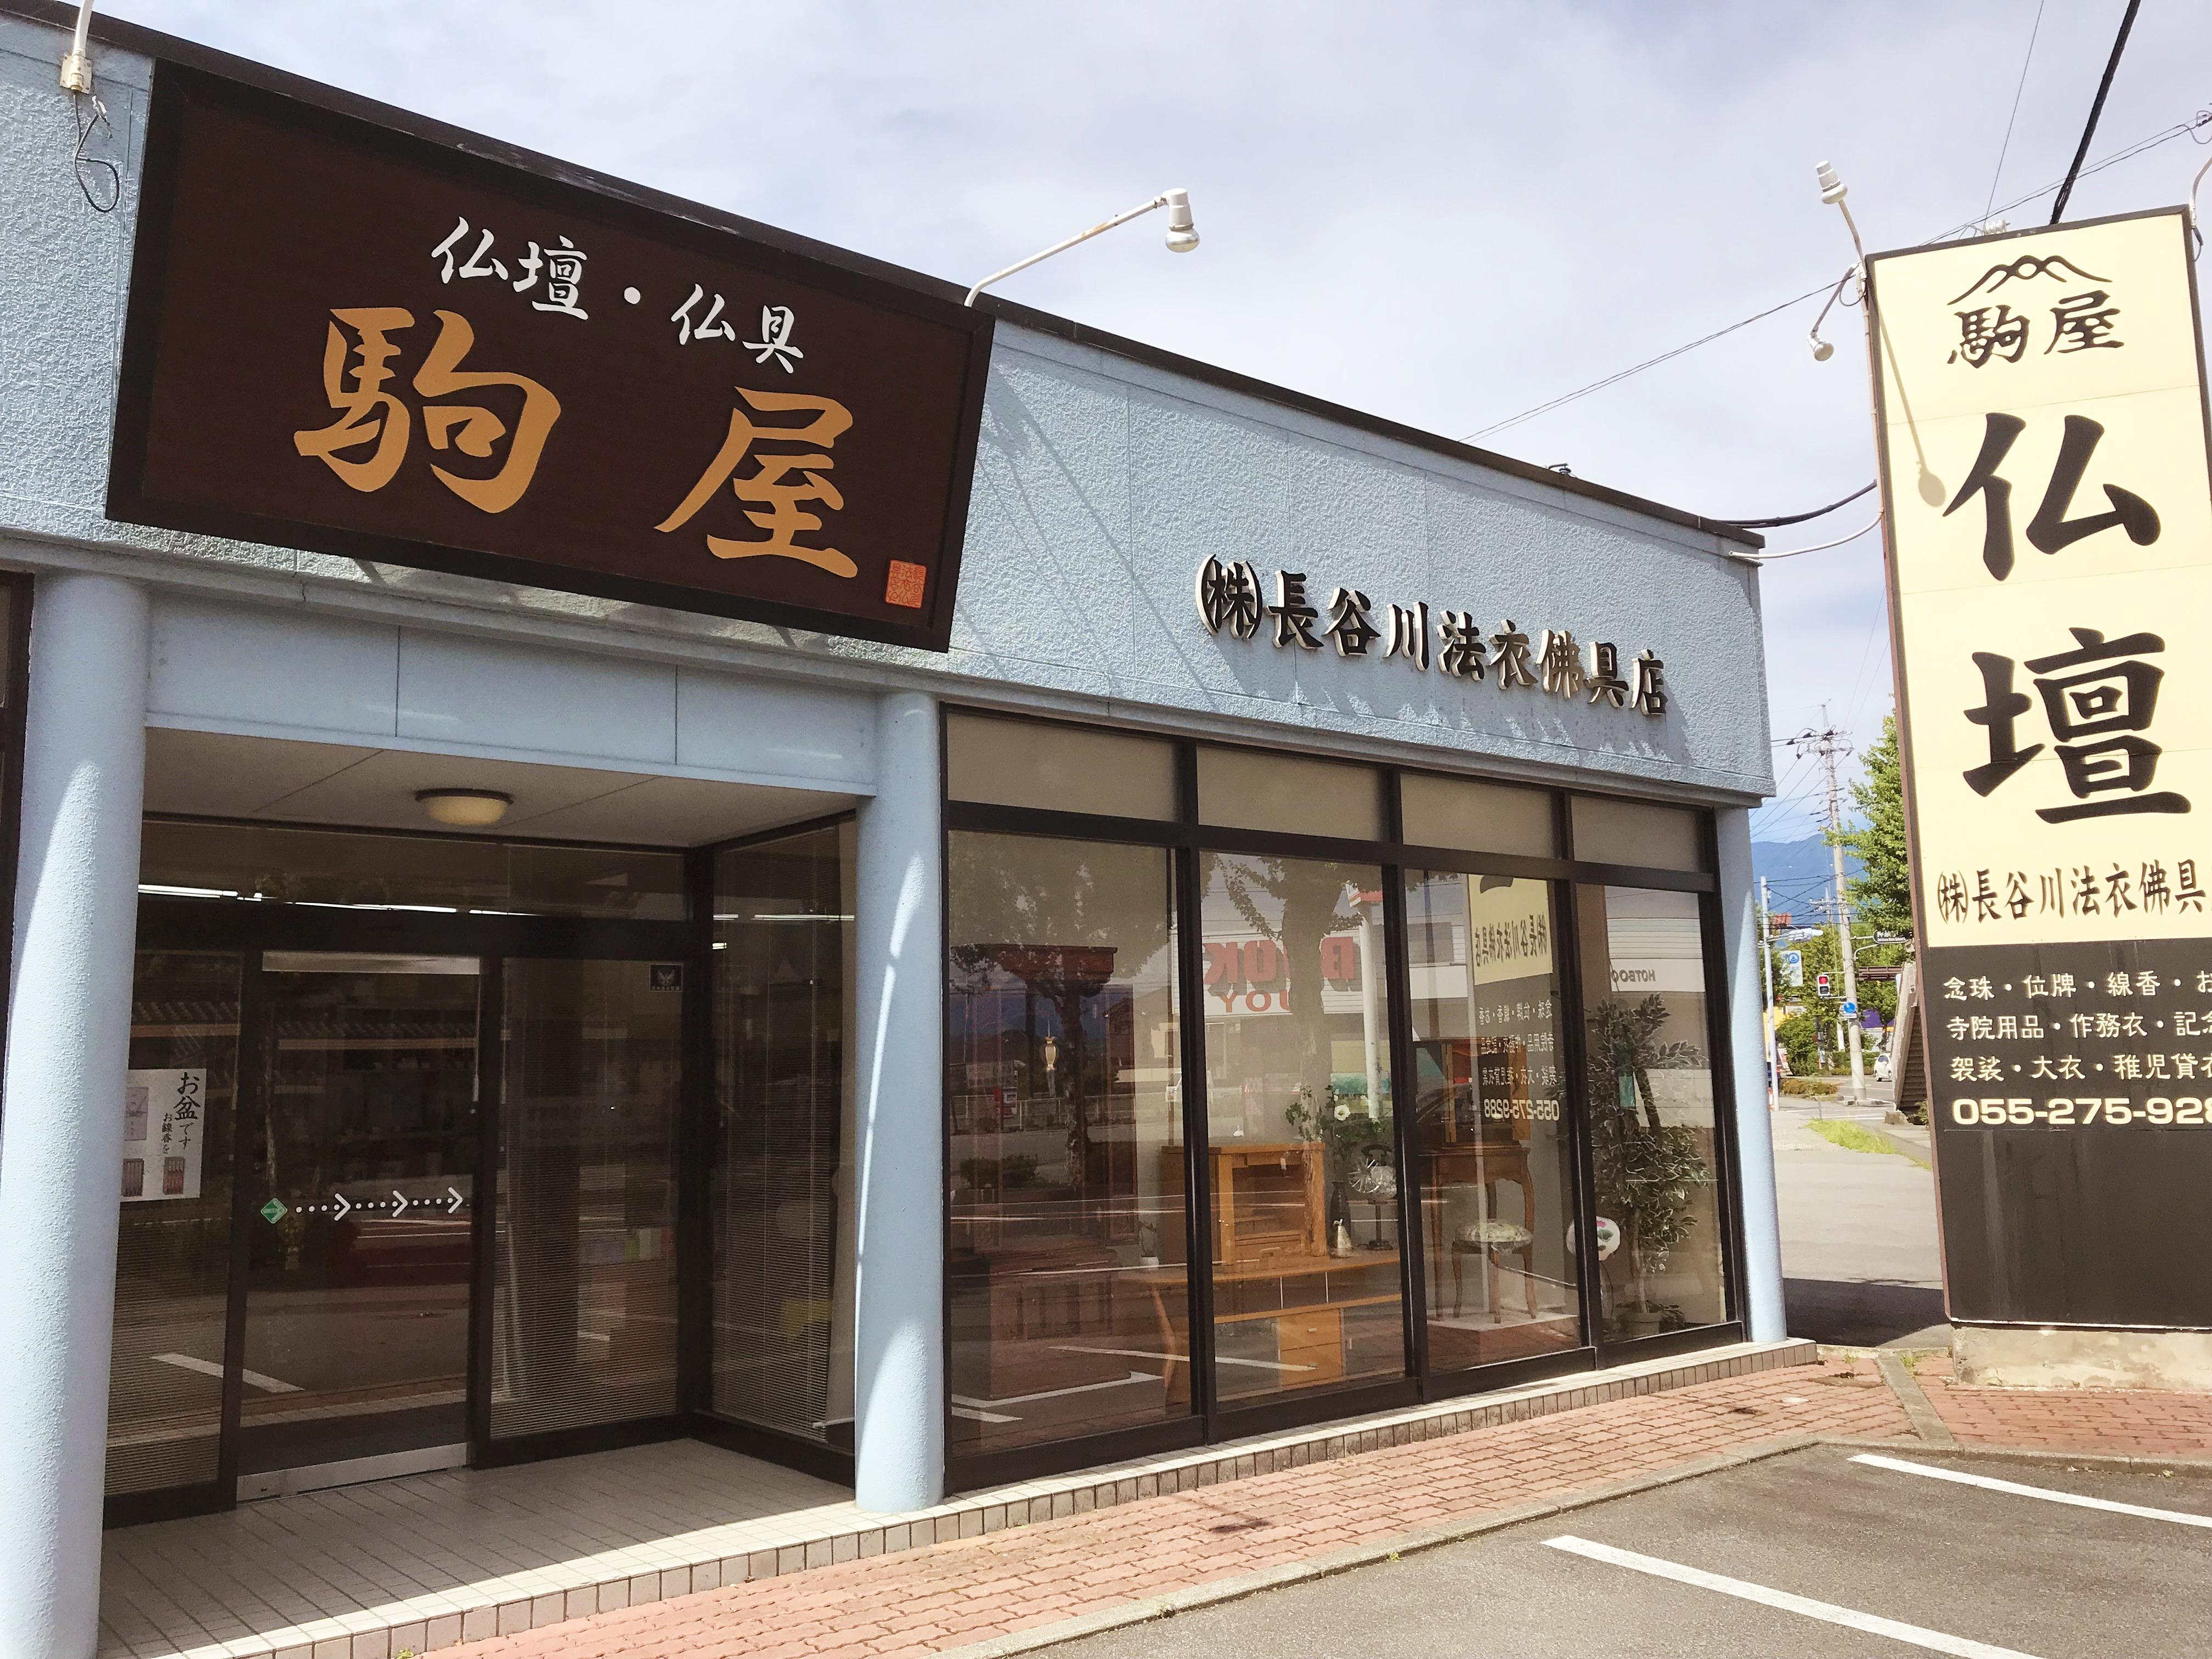 駒屋・長谷川法衣佛具店